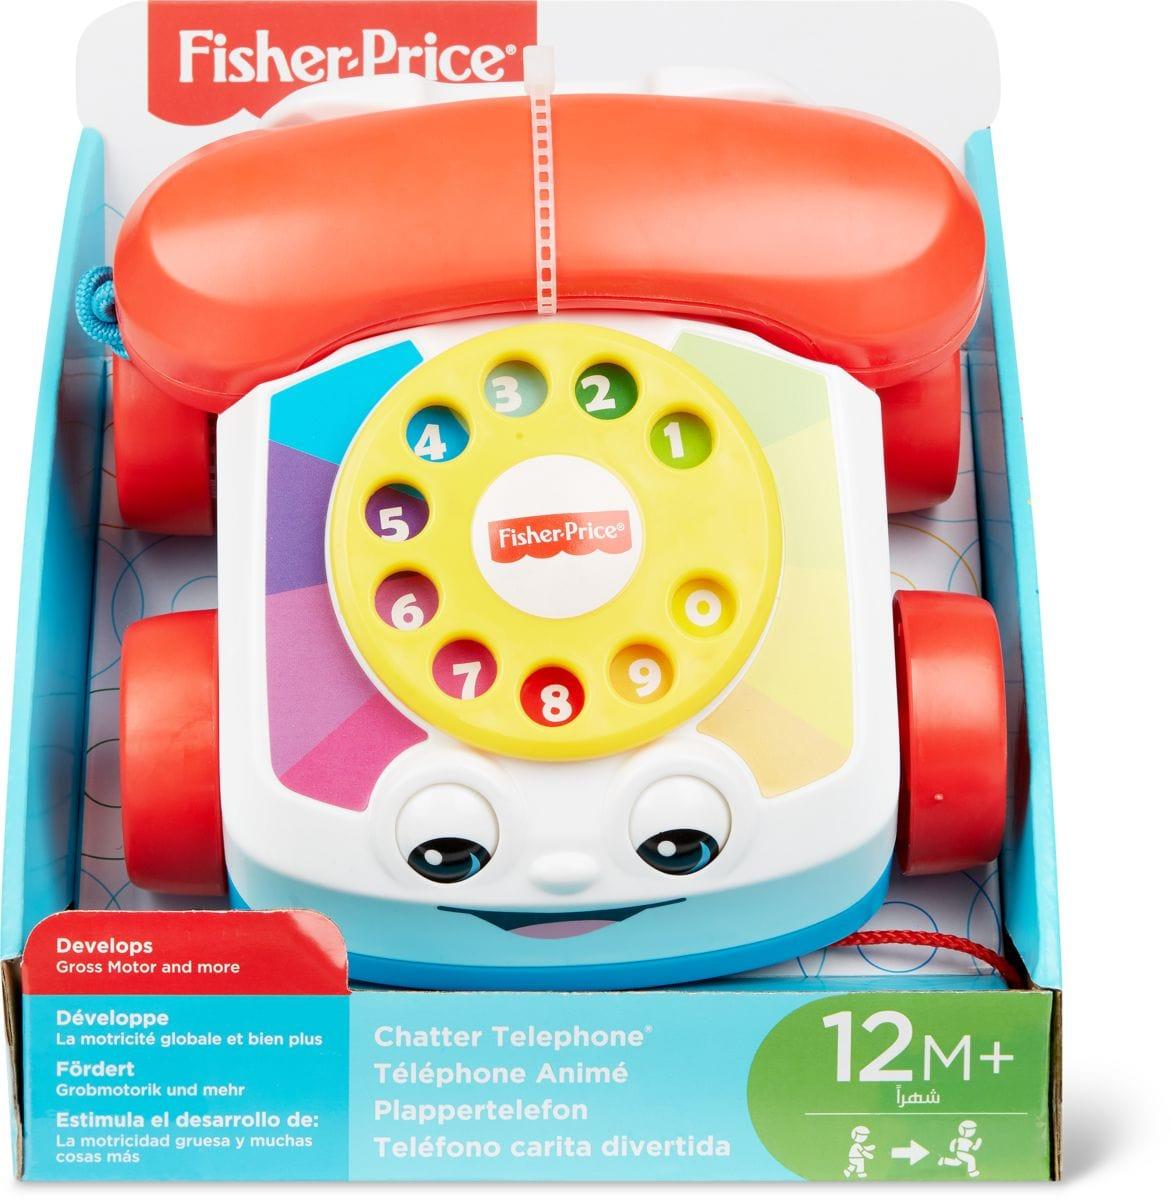 Fisher-Price Plappertelefon Lernspiel